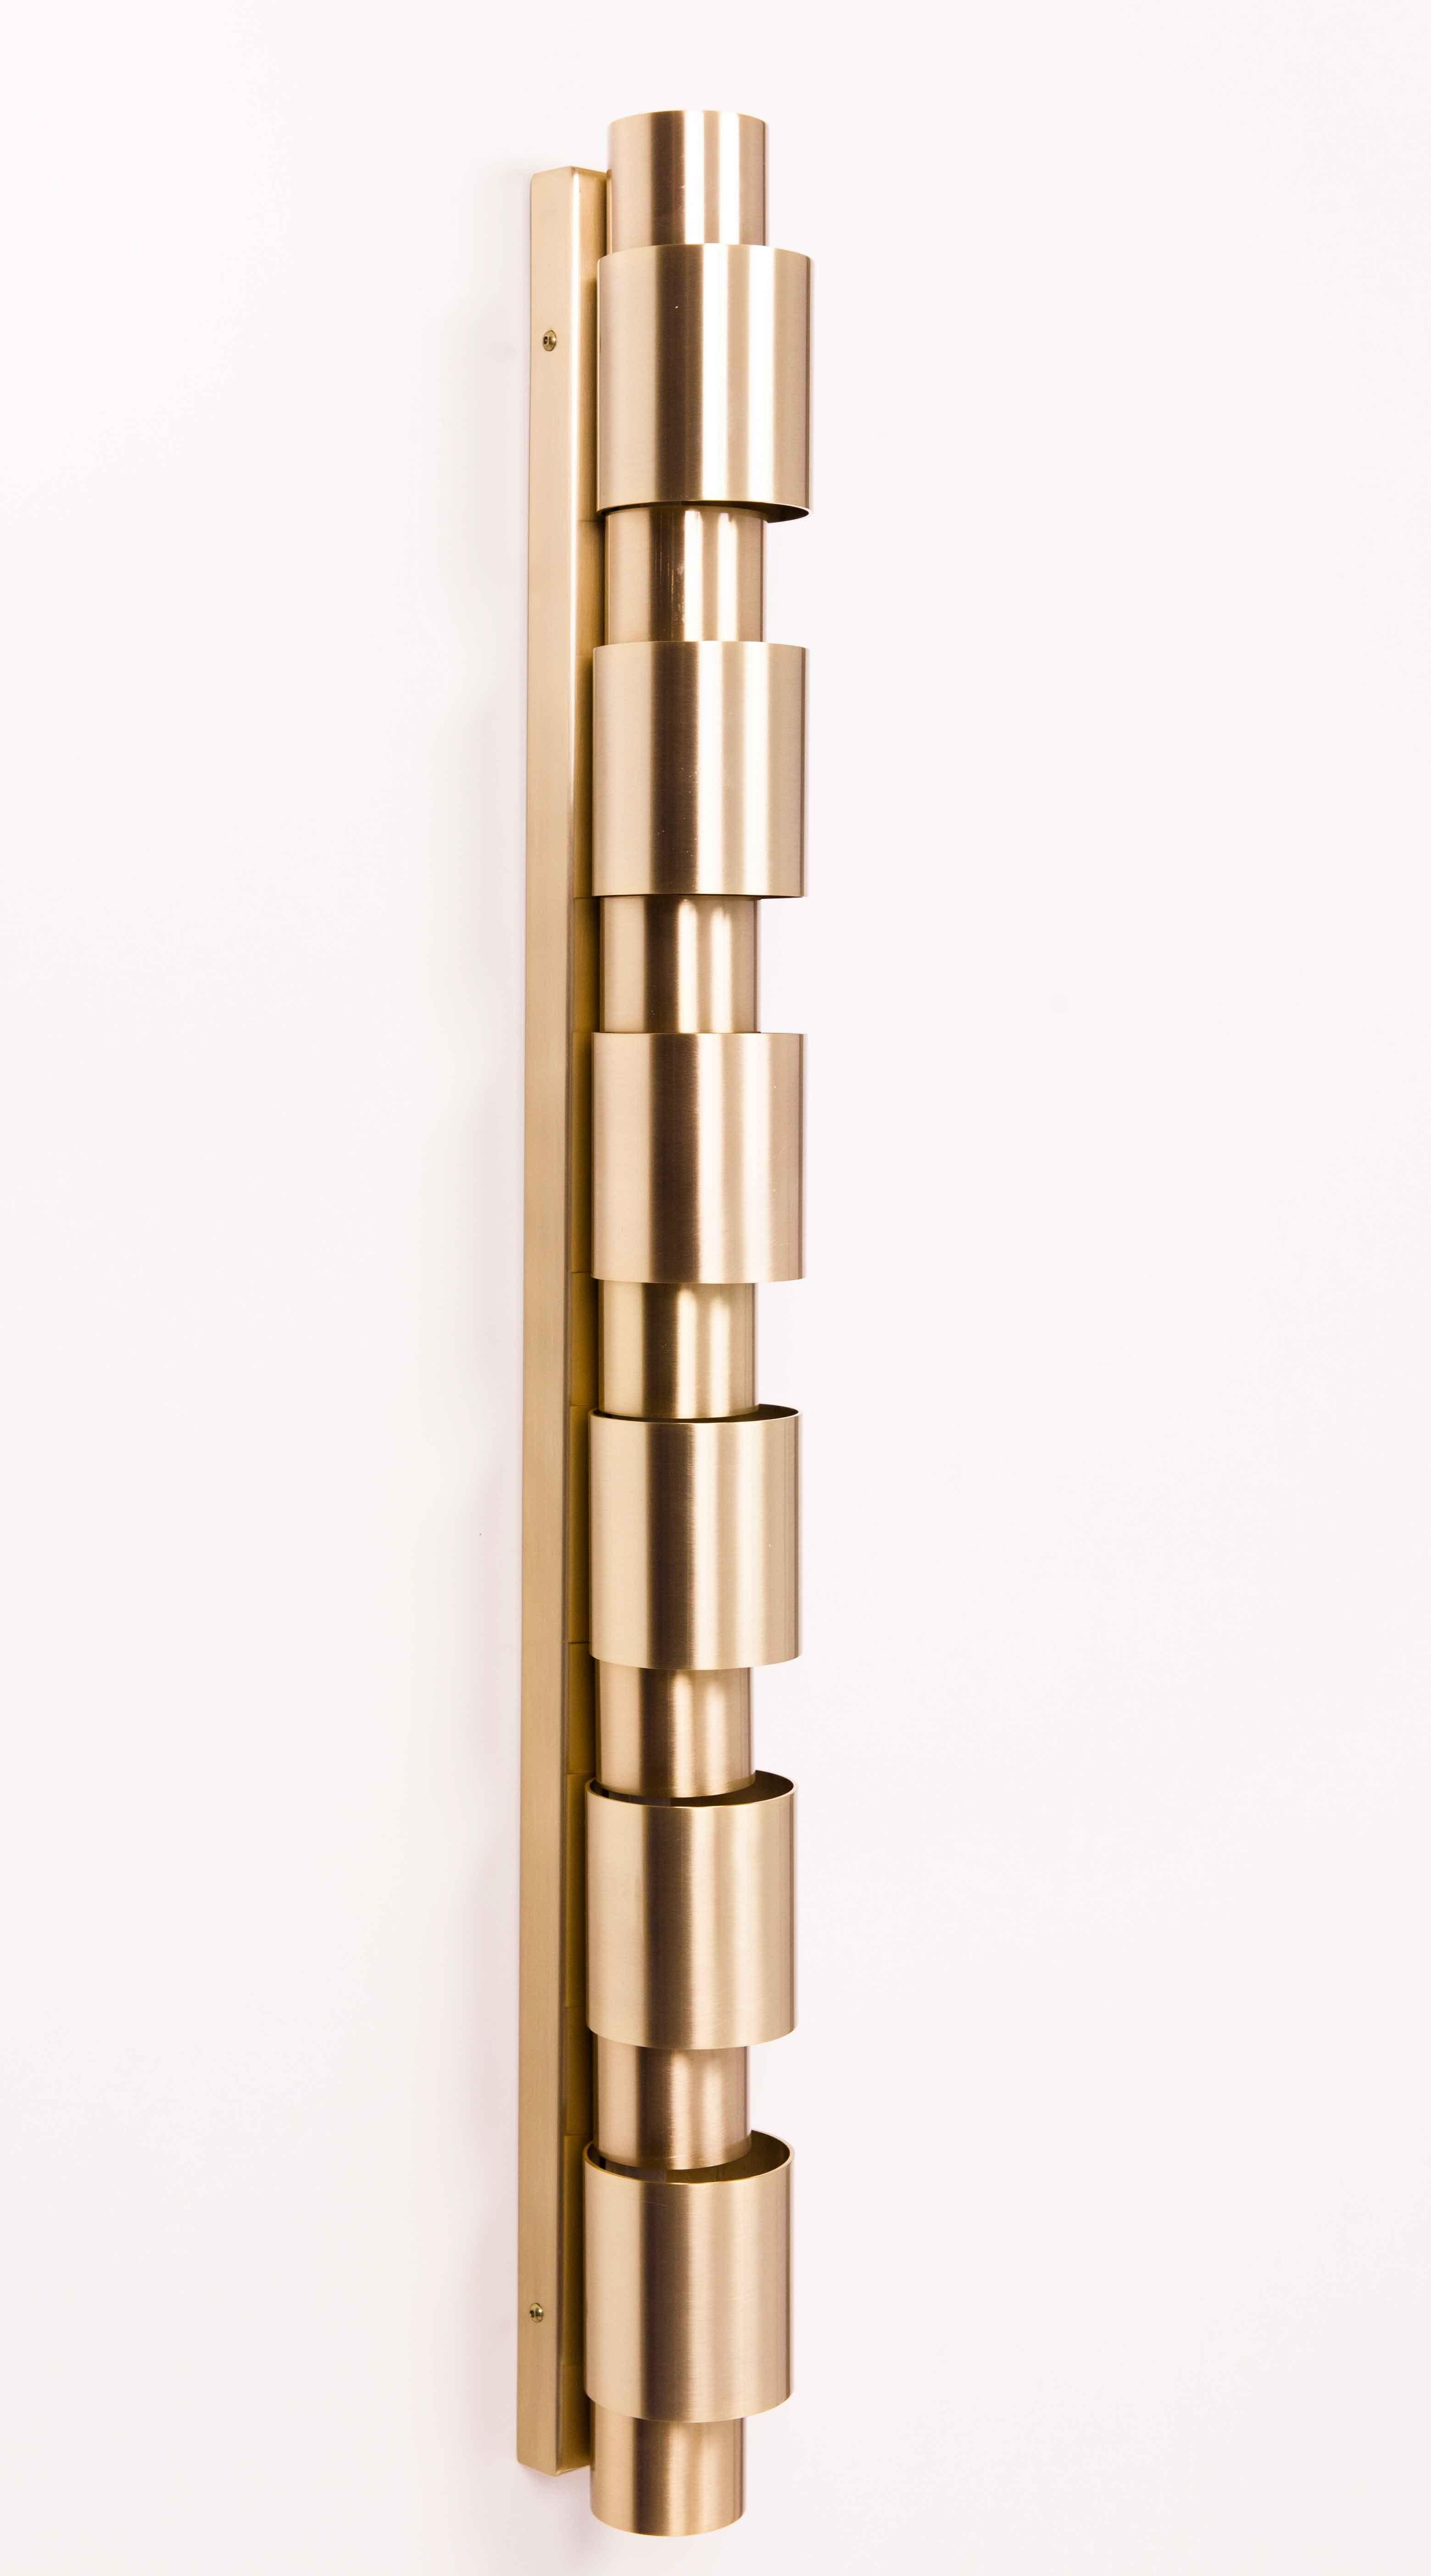 Aplique De Pared Vintage Cilindro Aros Dorado Amneris Aros Dorados Apliques De Pared Cilindro